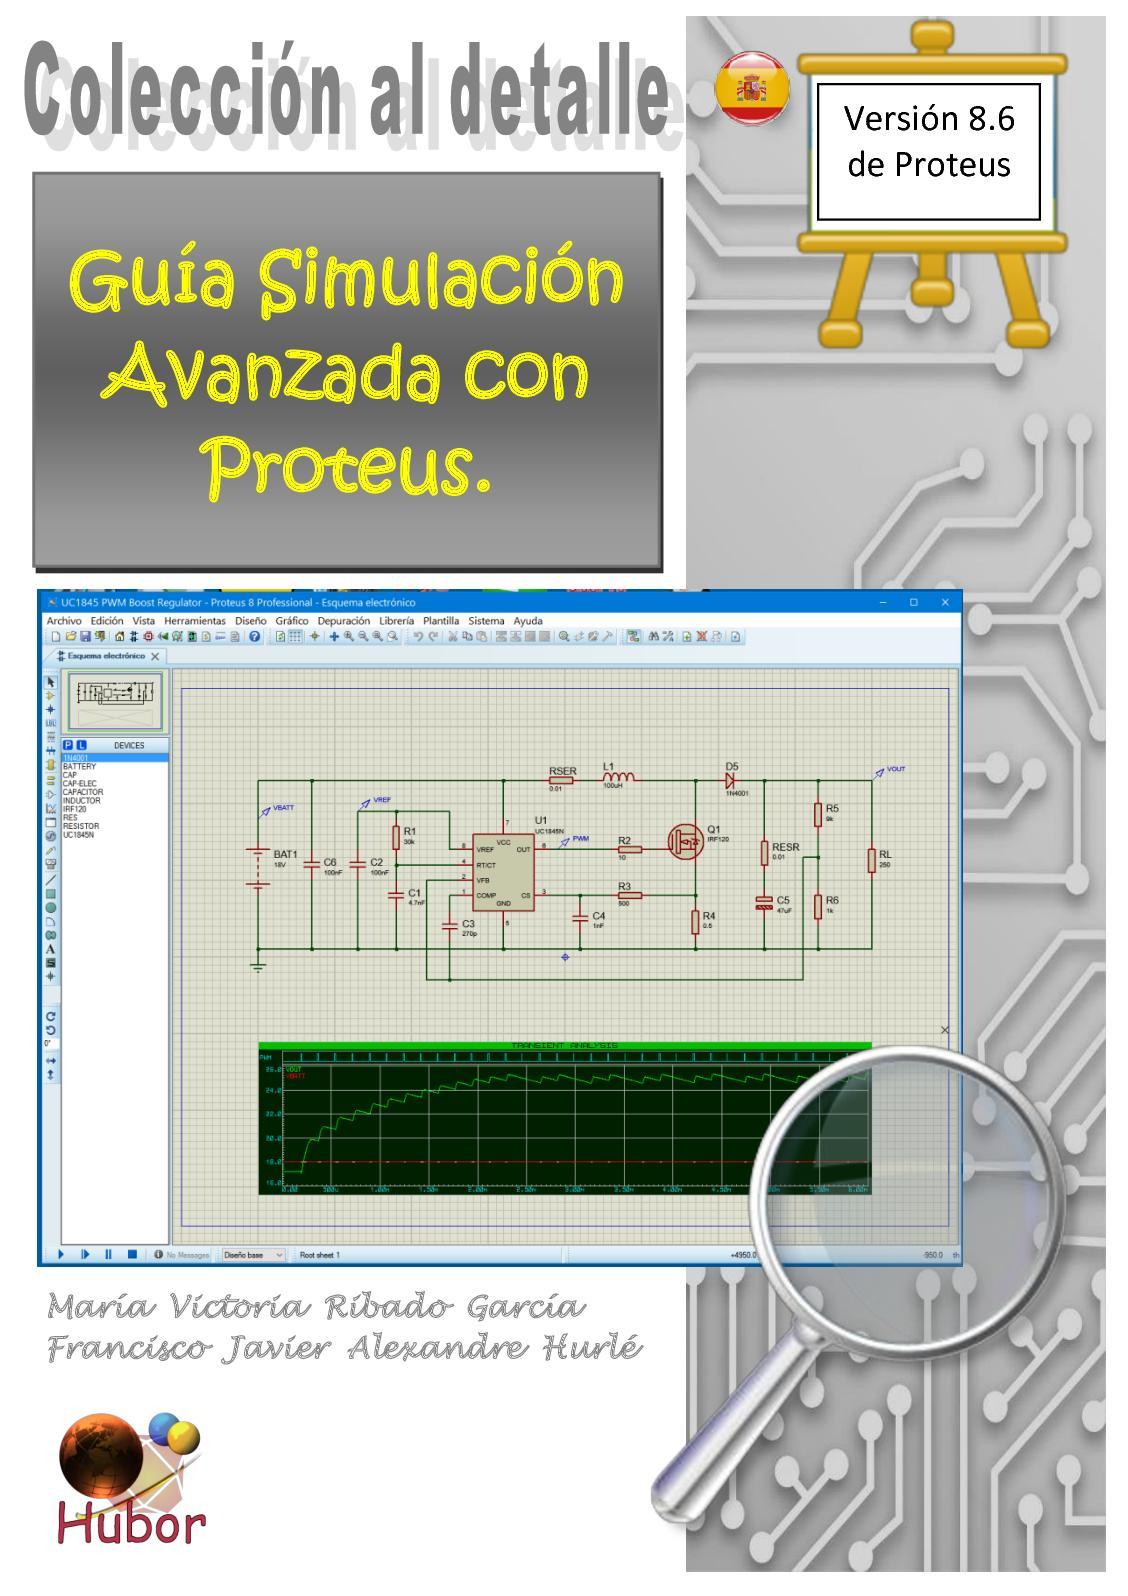 Guia Simulacion Avanzada con Proteus